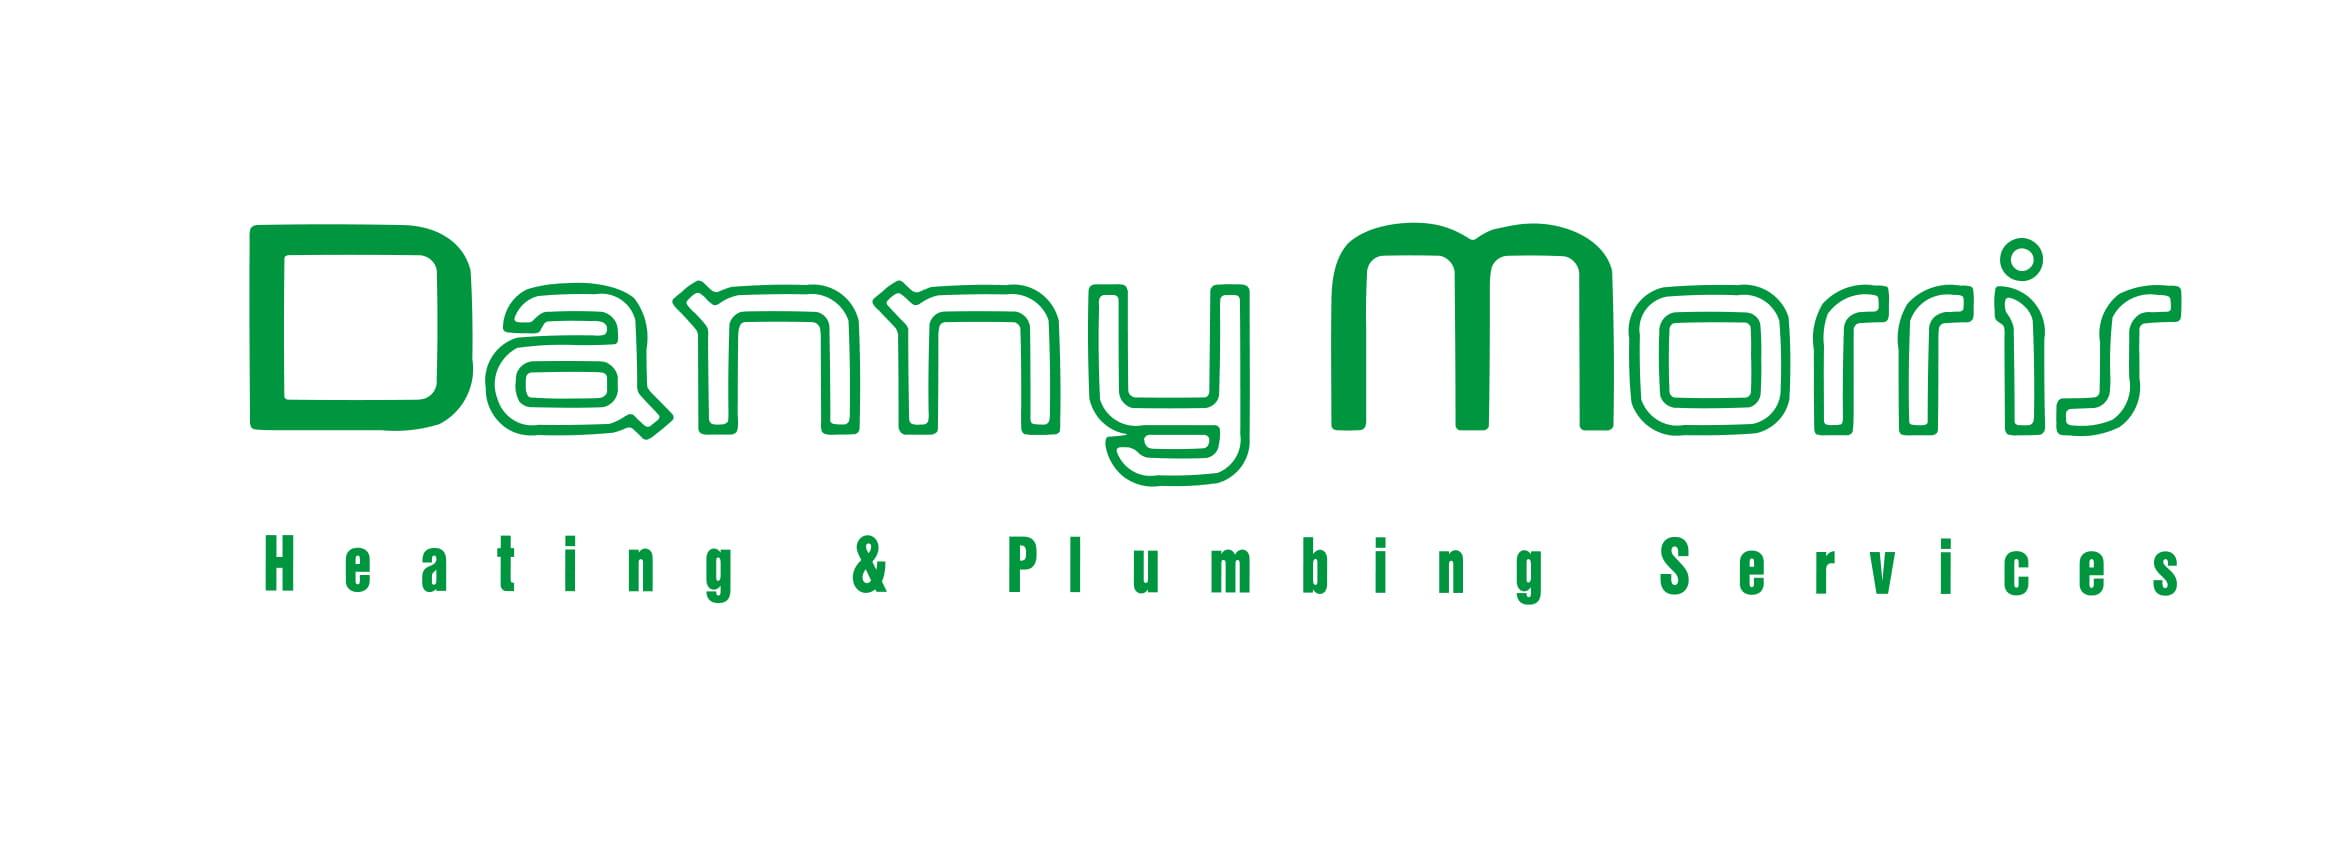 Danny Morris Plumbing & Heating